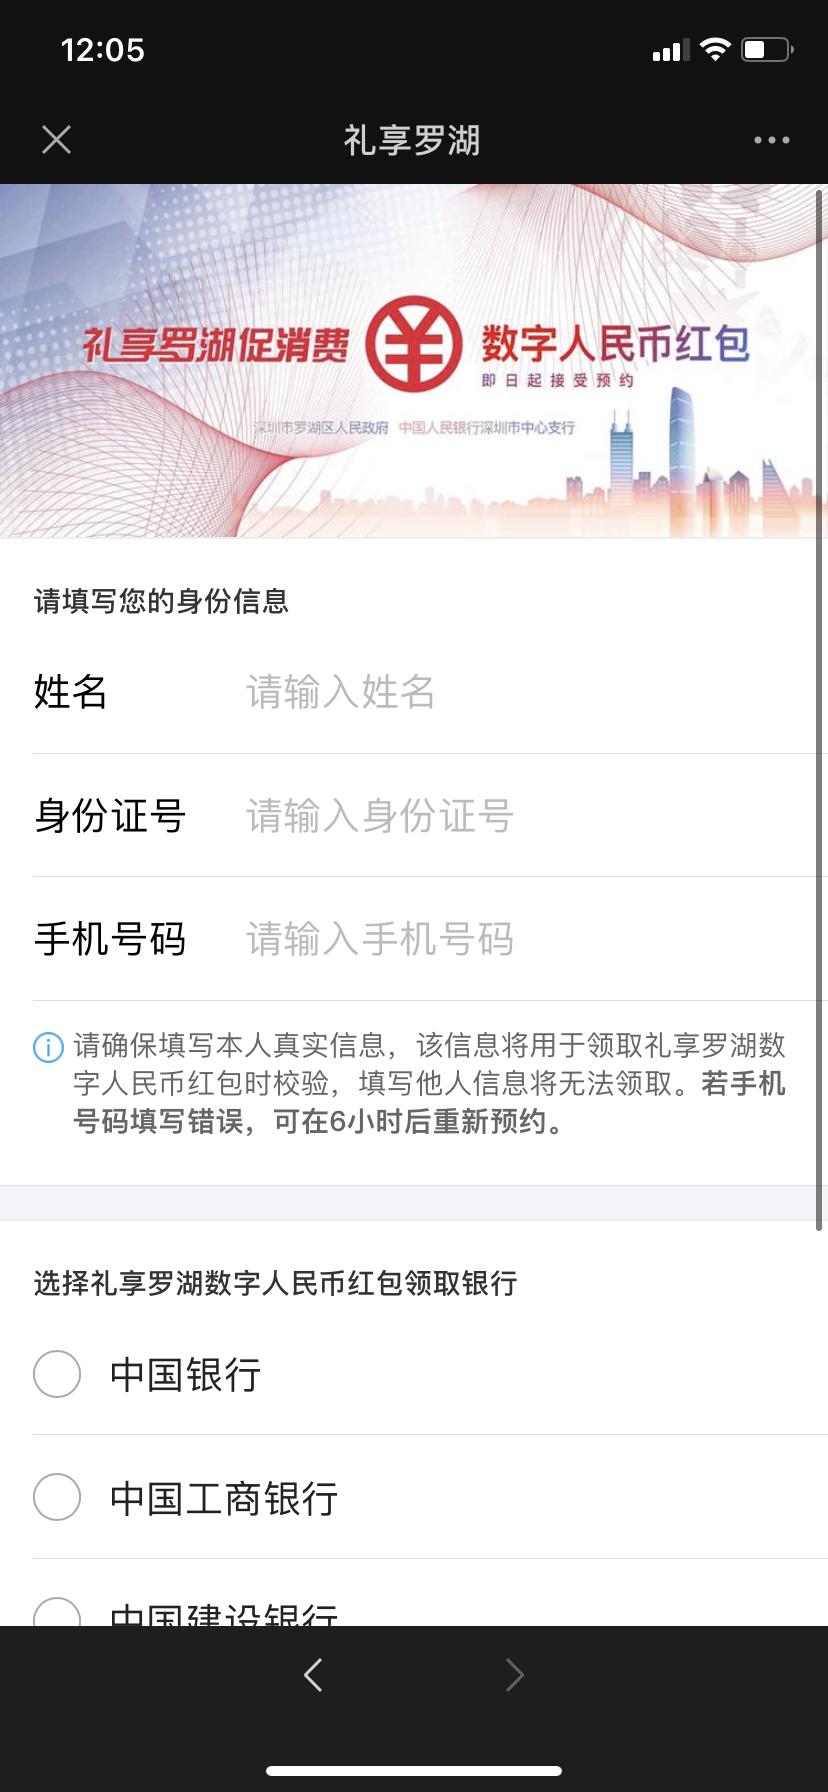 深圳1000万元数字货币大红包来了!每人200元 摇号抽签5万个名额